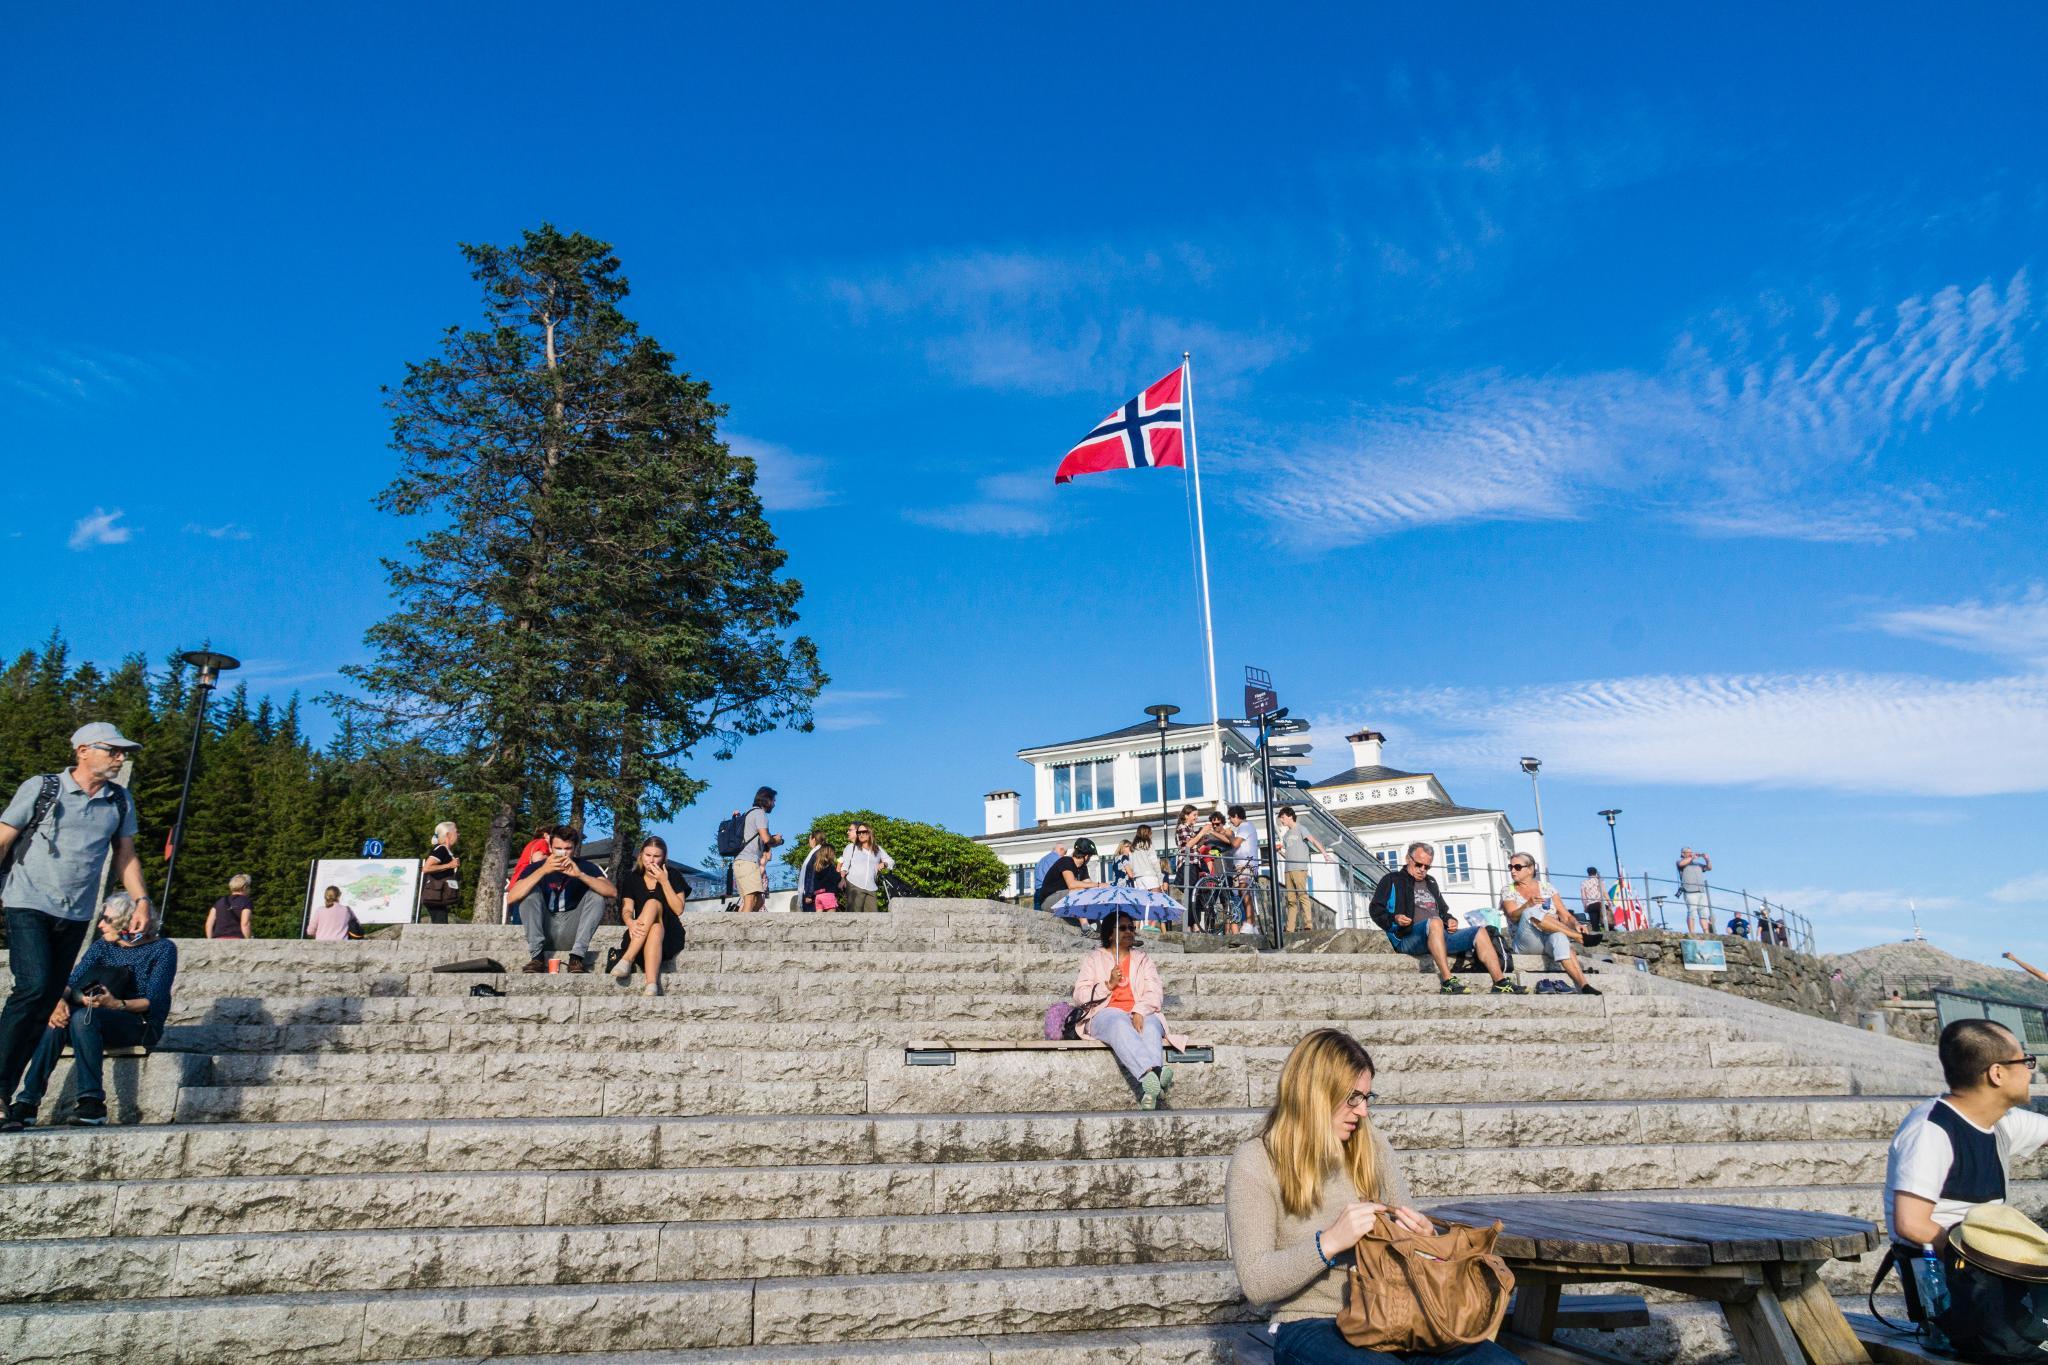 【卑爾根】Fløyen 佛洛伊恩山纜車與觀景台 — 擁抱文化港都的百萬美景 85